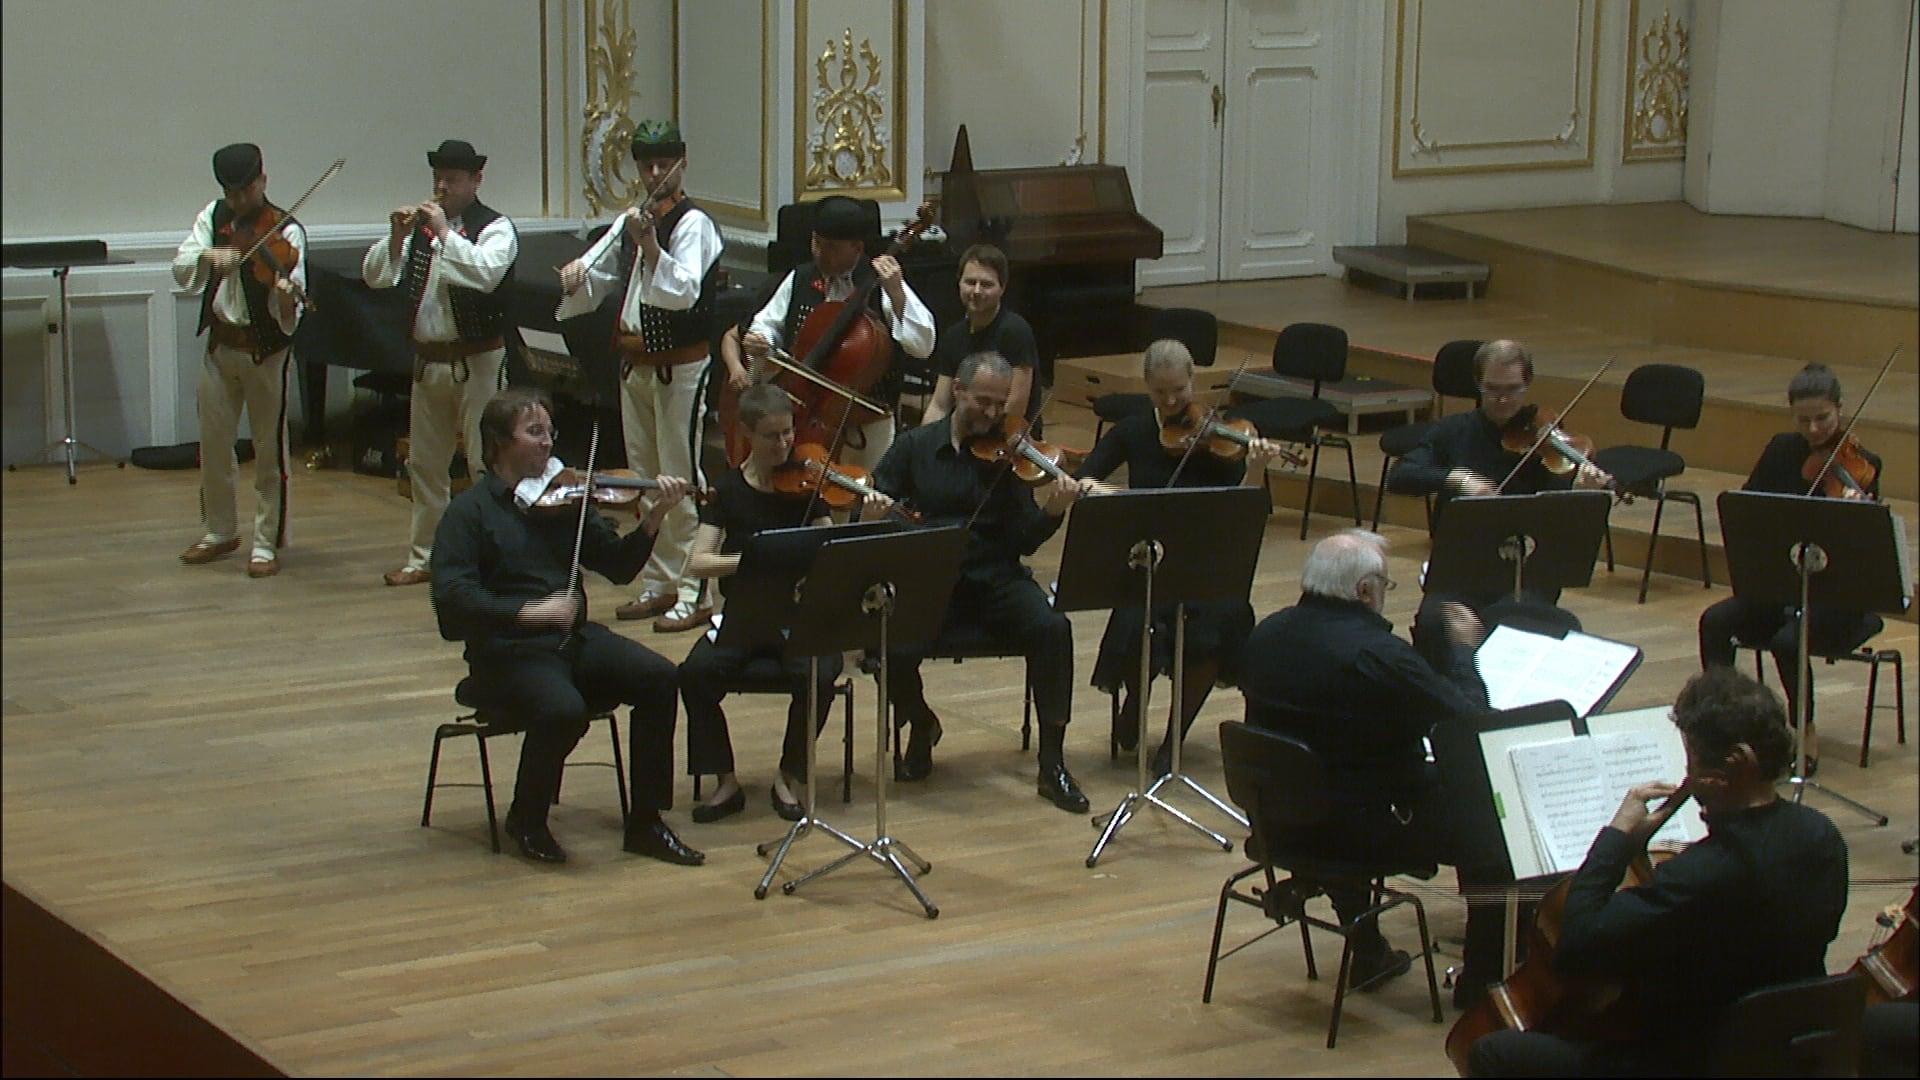 Hudobná akadémia III – Klasická hudba a folklór